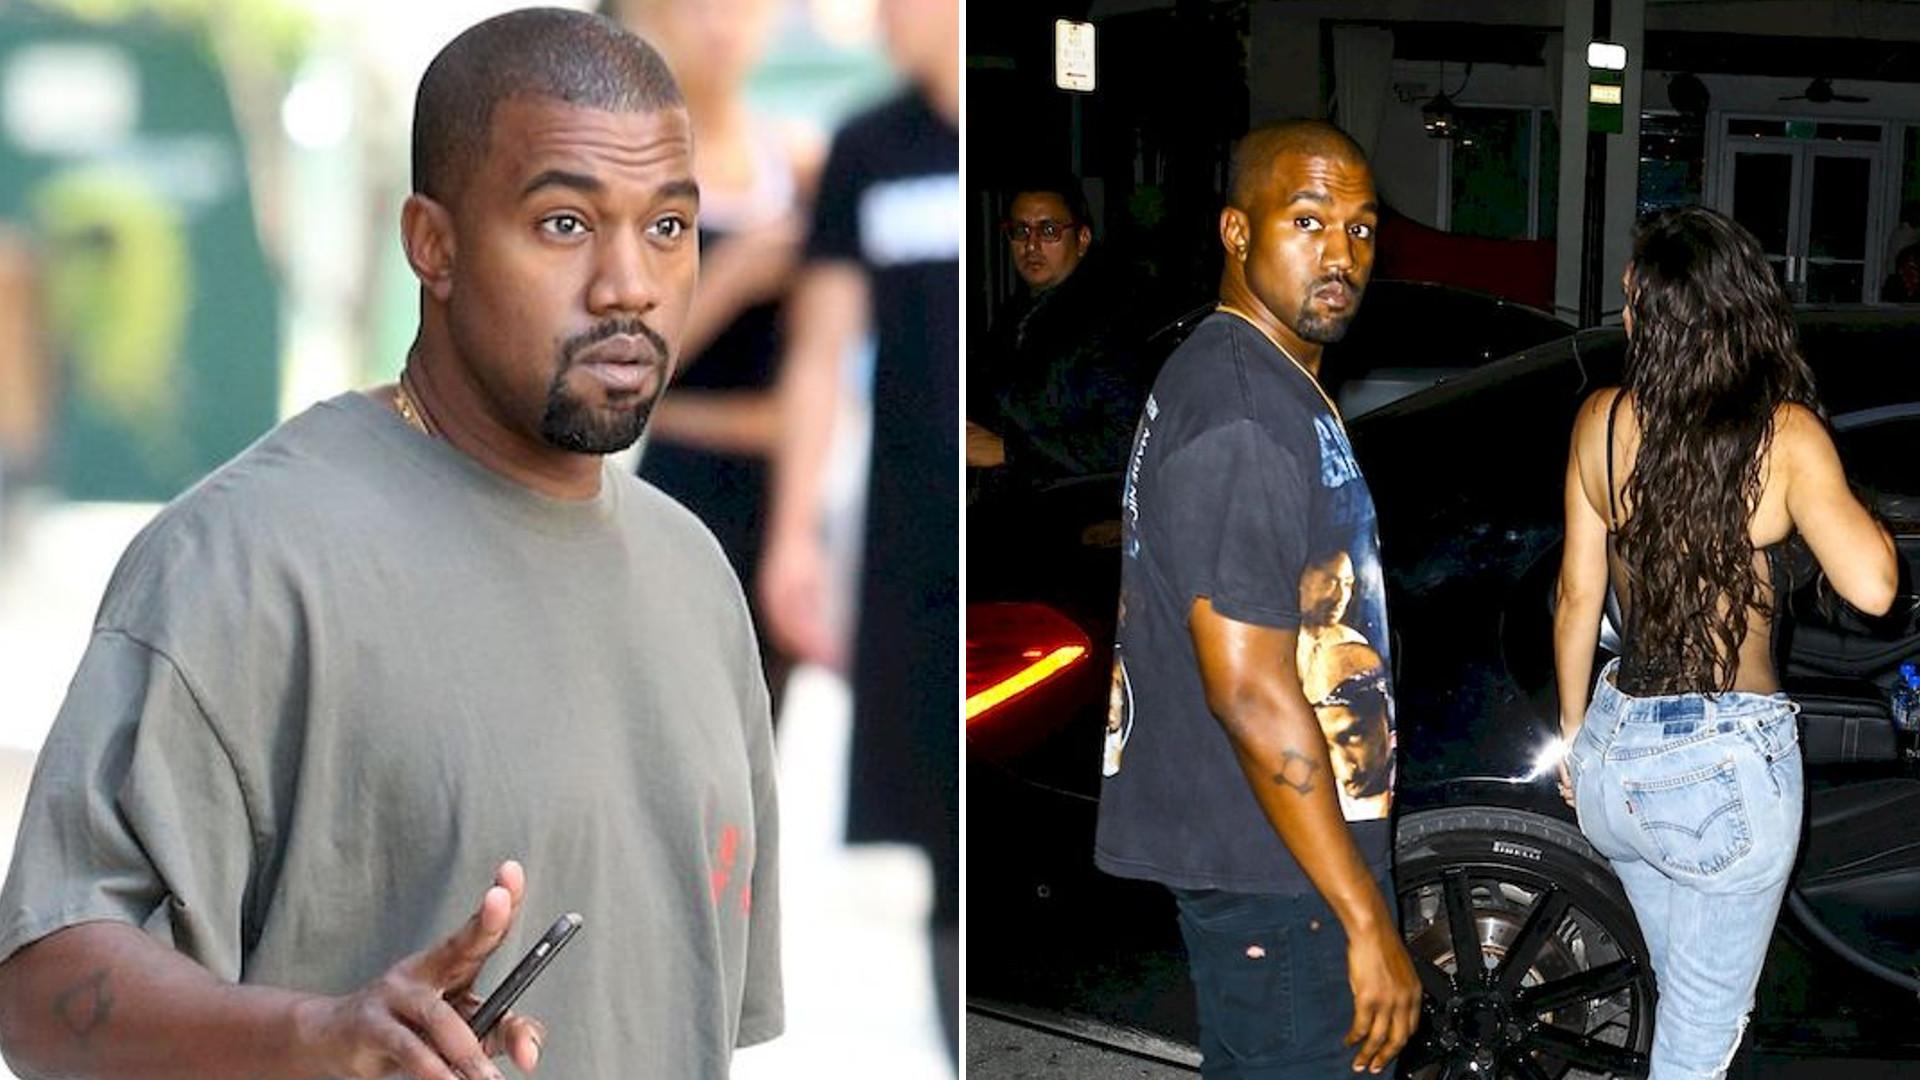 Kanye West prosił, by jego ludzie nie uprawiali seksu przedmałżeńskiego